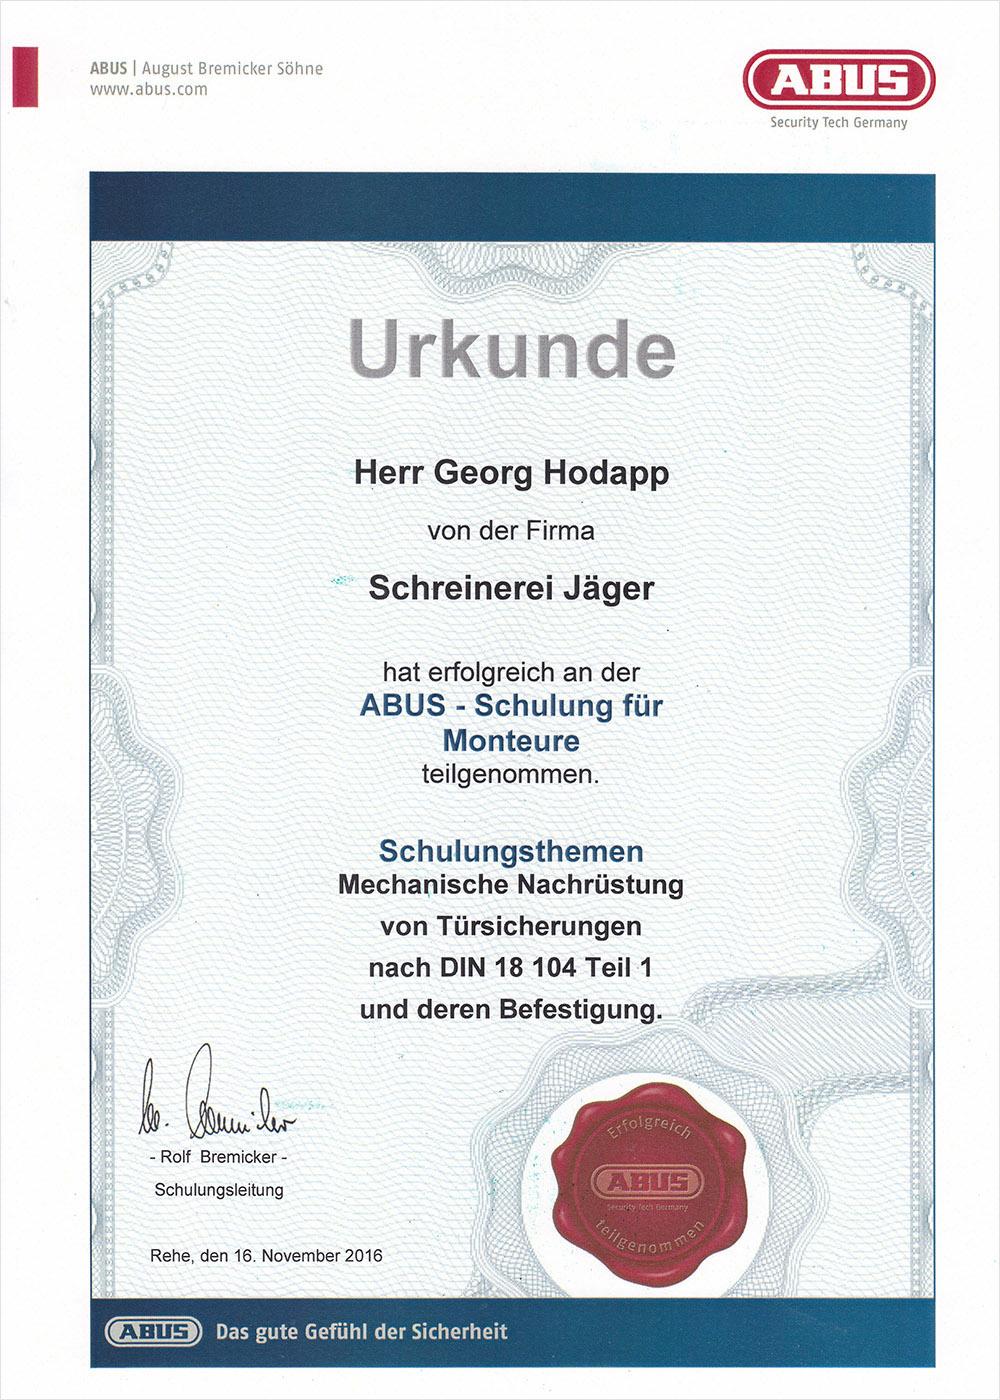 Schreinerei JÄGER Freiburg Urkunde